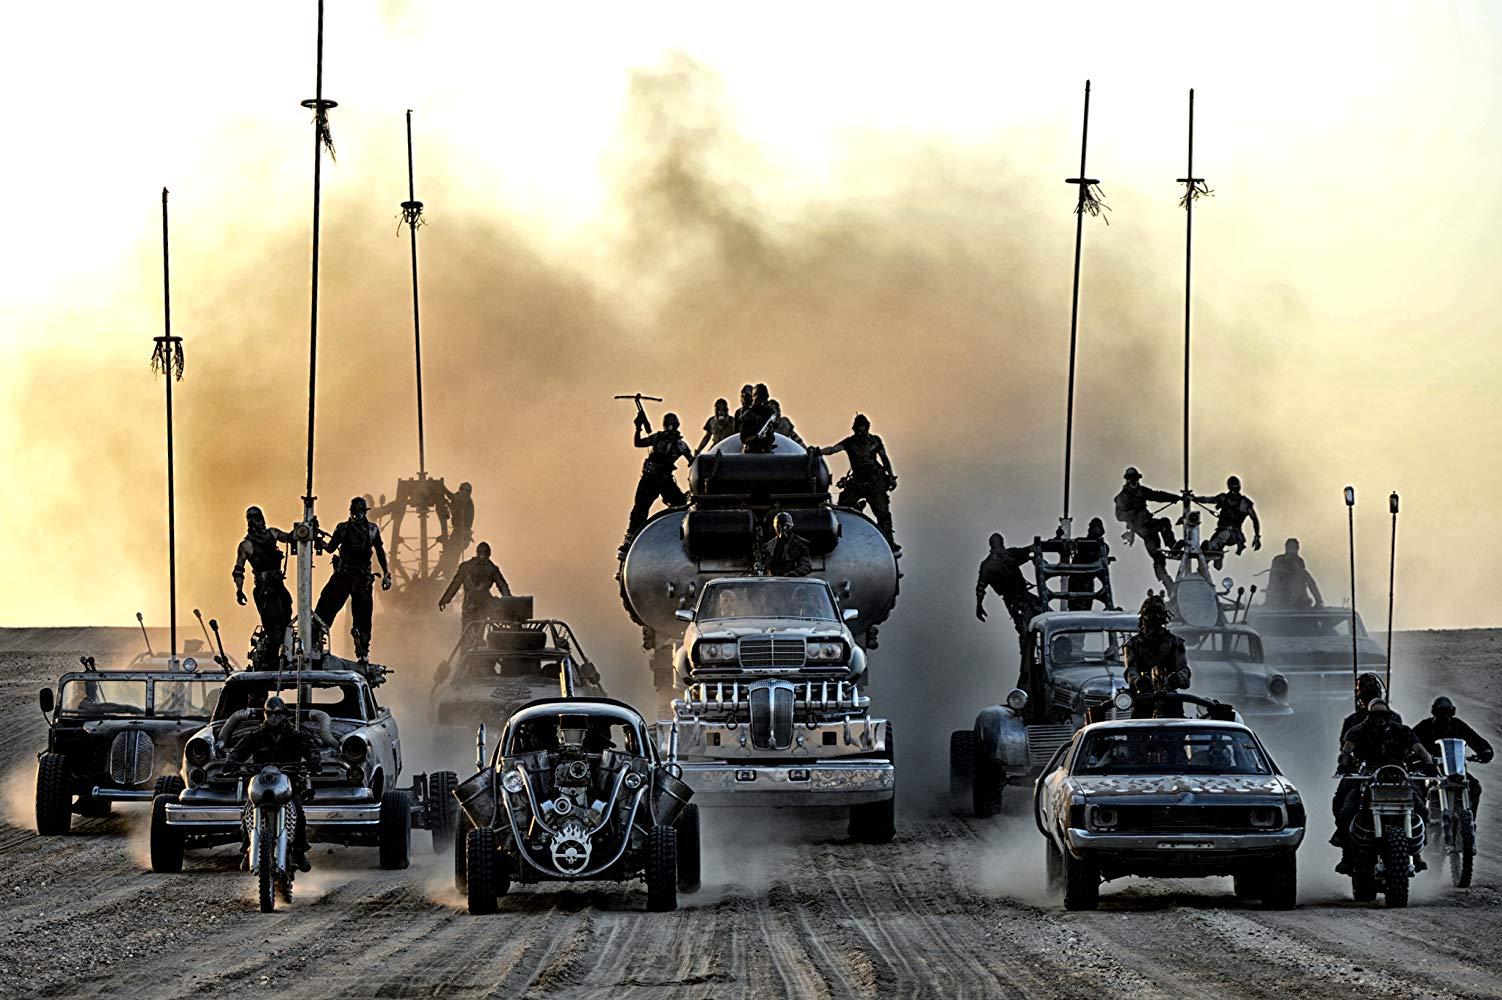 11111111111 2 - 5 فیلم برتر ژانر اکشن تعقیب و گریز با خودرو